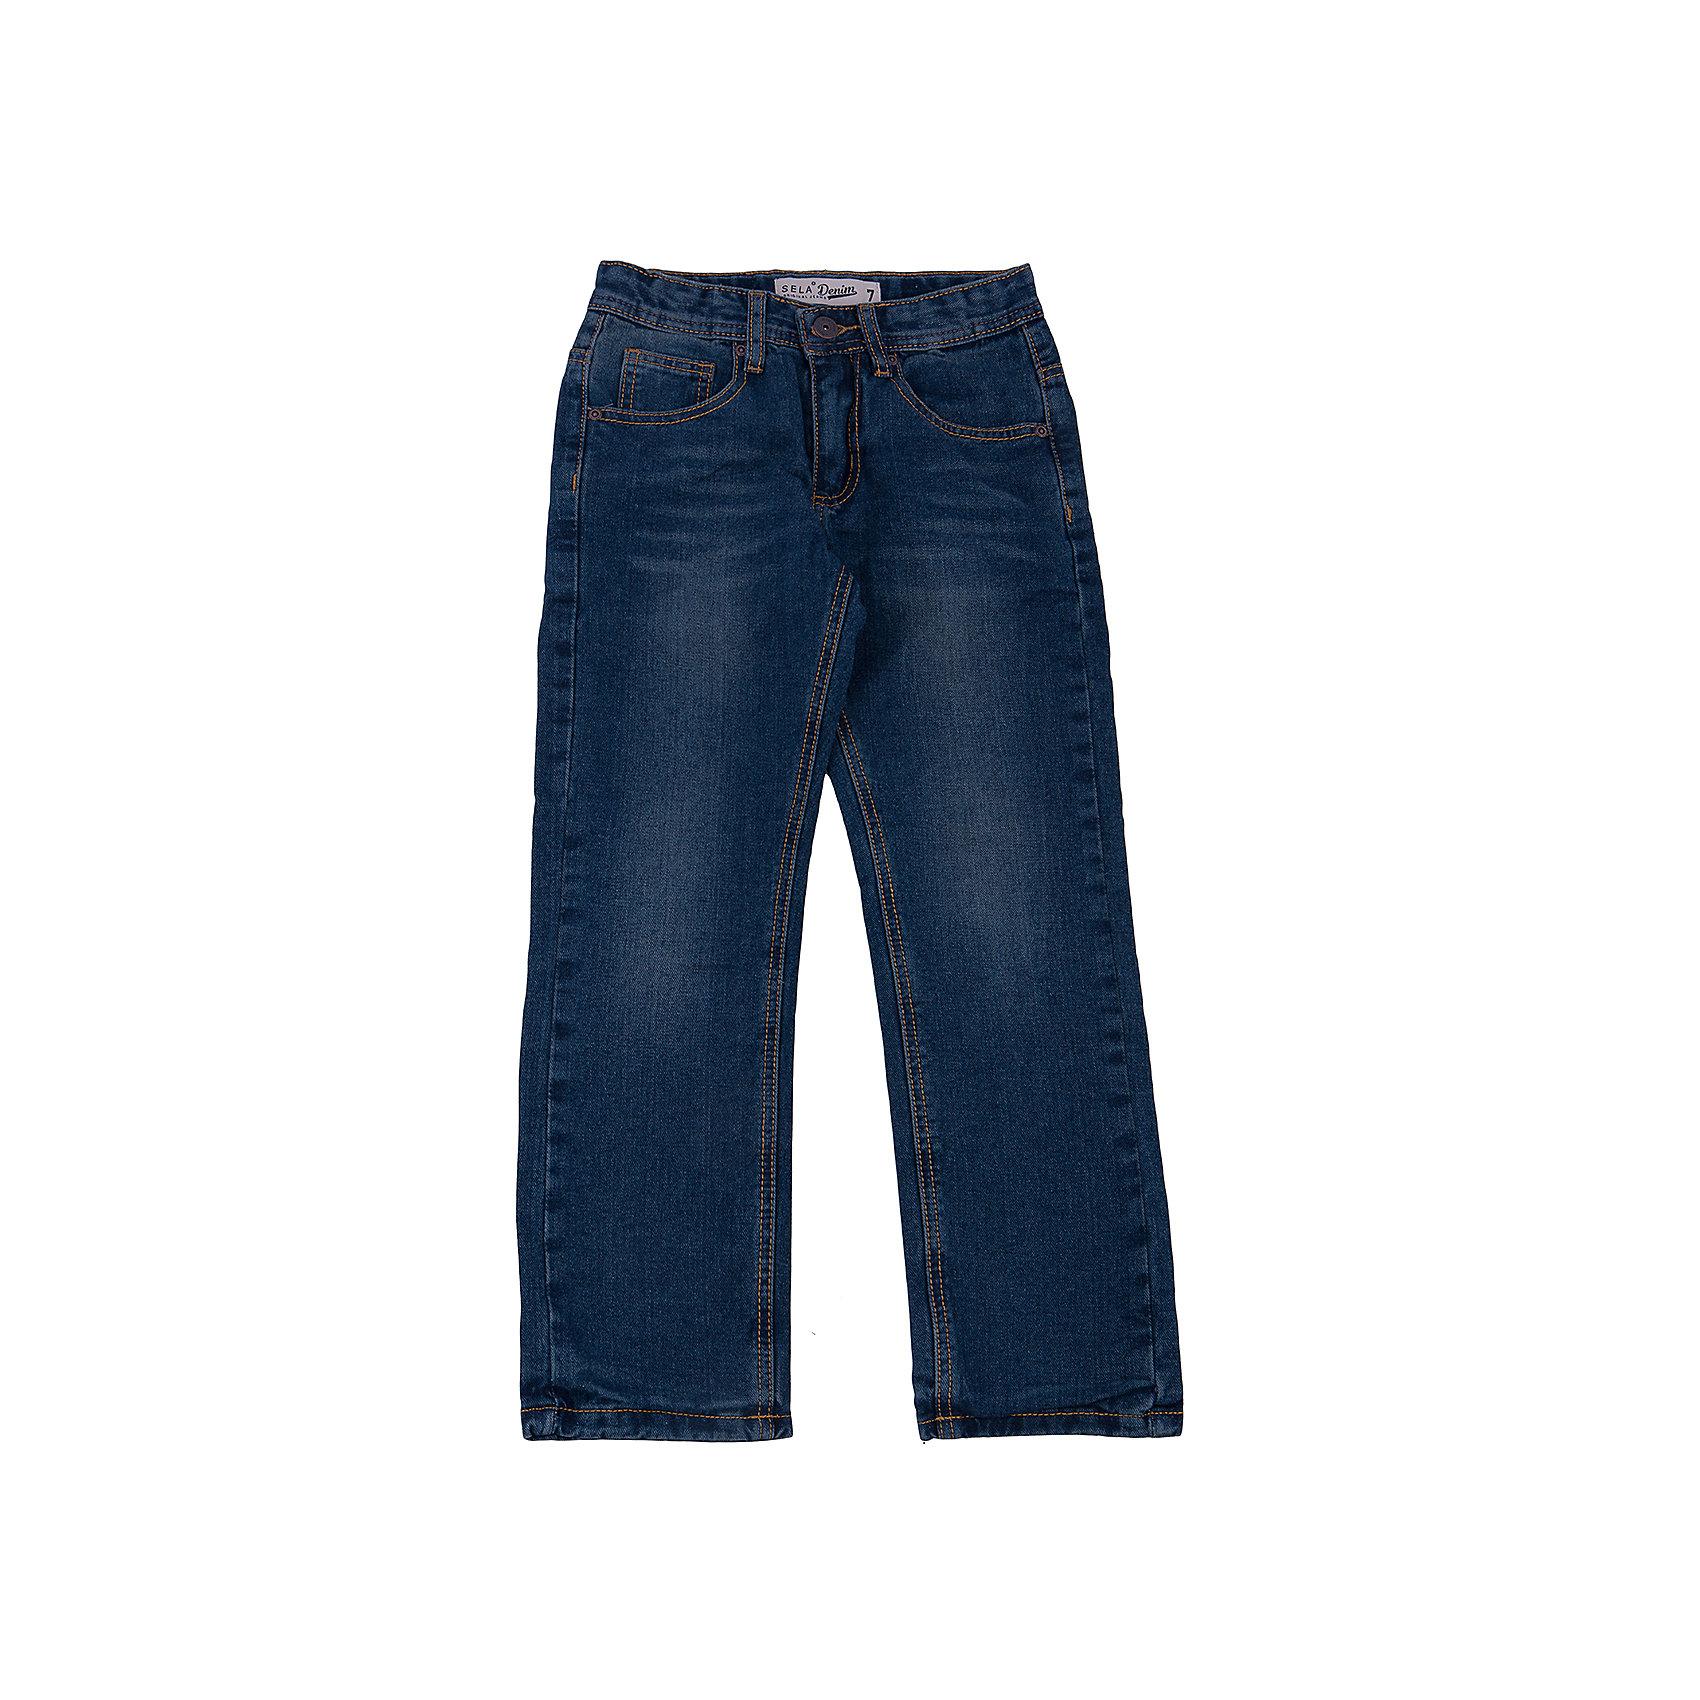 Джинсы для мальчика SELAУдобные джинсы - незаменимая вещь в детском гардеробе. Эта модель отлично сидит на ребенке, она сшита из плотного материала, натуральный хлопок не вызывает аллергии и обеспечивает ребенку комфорт. Модель станет отличной базовой вещью, которая будет уместна в различных сочетаниях.<br>Одежда от бренда Sela (Села) - это качество по приемлемым ценам. Многие российские родители уже оценили преимущества продукции этой компании и всё чаще приобретают одежду и аксессуары Sela.<br><br>Дополнительная информация:<br><br>цвет: синий;<br>материал: 100% хлопок; подкладка 65% ПЭ, 35% хлопок;<br>плотный материал.<br><br>Джинсы для мальчика от бренда Sela можно купить в нашем интернет-магазине.<br><br>Ширина мм: 215<br>Глубина мм: 88<br>Высота мм: 191<br>Вес г: 336<br>Цвет: синий<br>Возраст от месяцев: 132<br>Возраст до месяцев: 144<br>Пол: Мужской<br>Возраст: Детский<br>Размер: 152,122,128,134,140,146<br>SKU: 4919569